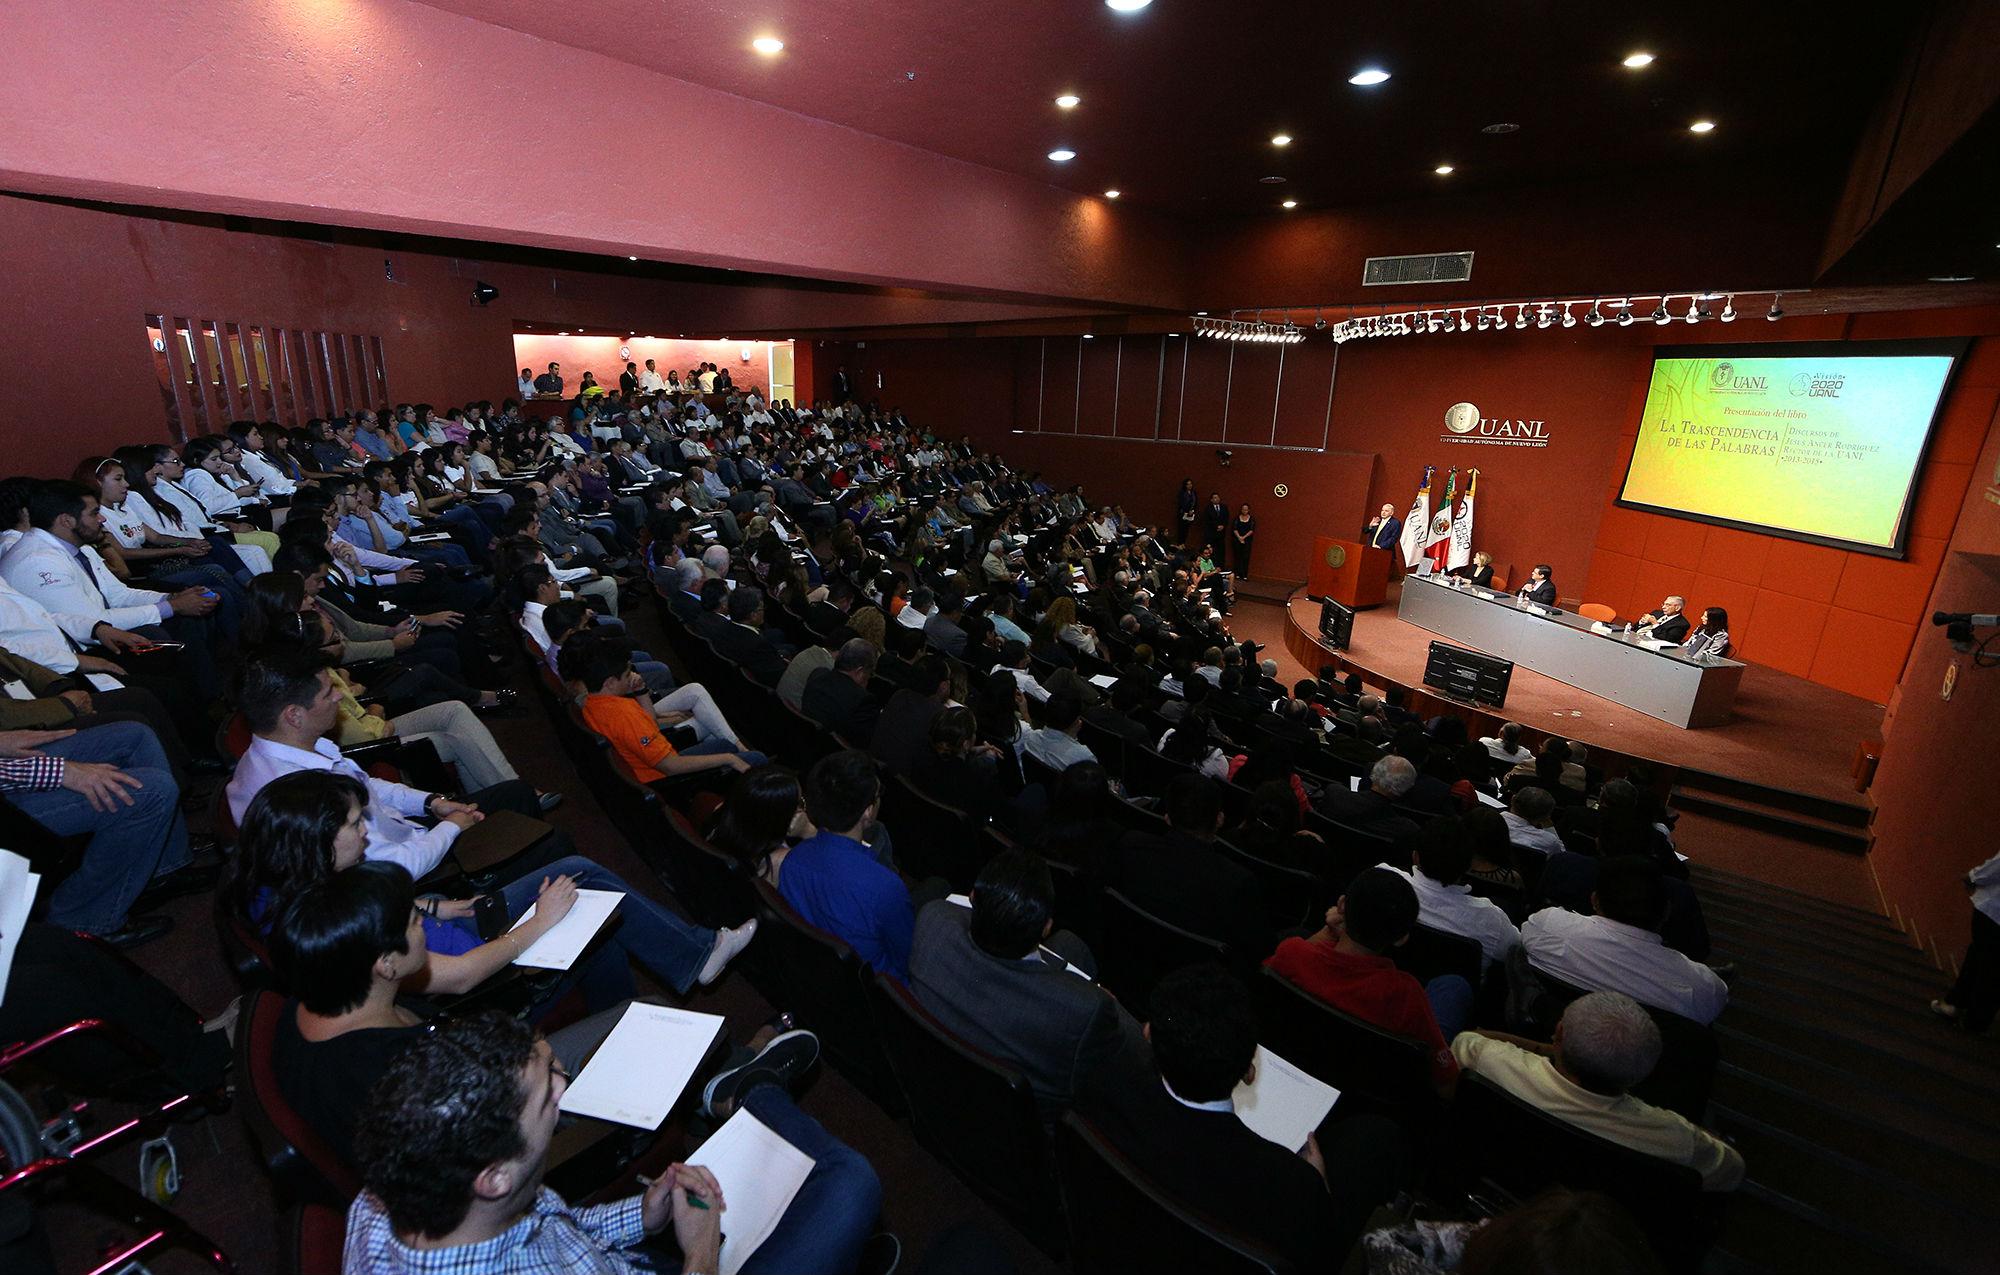 La presentación de libro se llevó a cabo en el auditorio de la Biblioteca Universitaria Raúl Rangel Frías